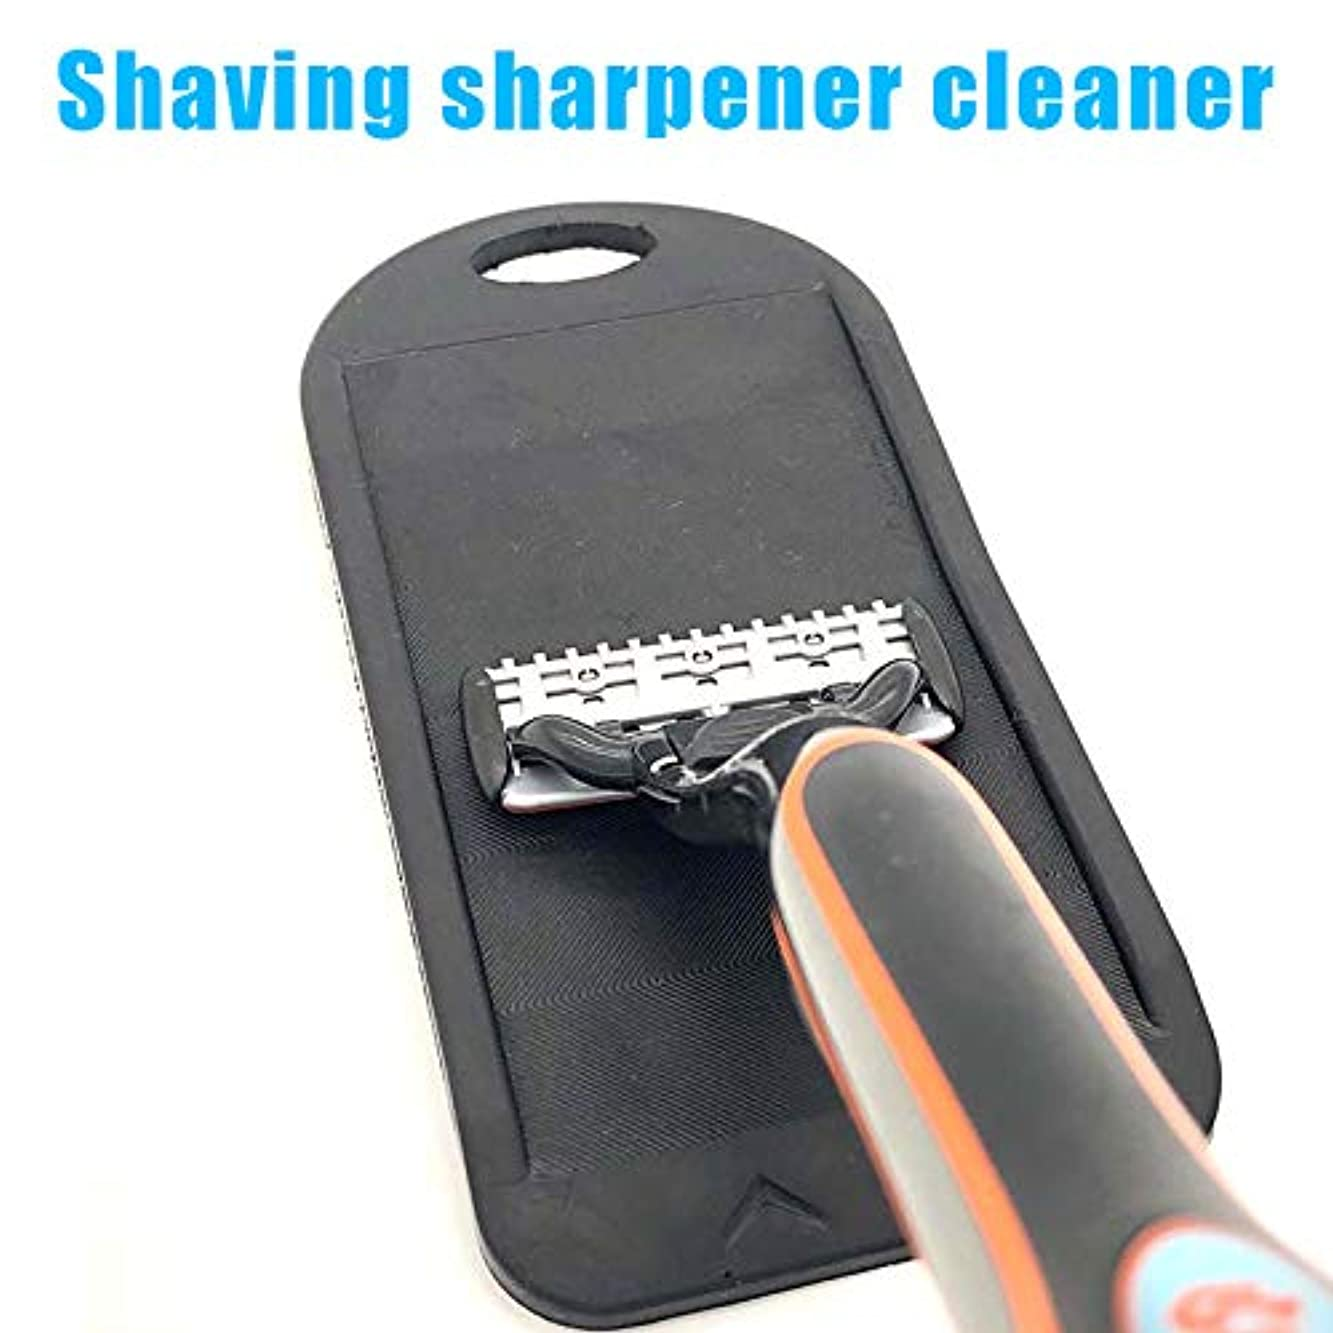 気難しいオレンジやむを得ないSweetiChic シェービングクリーナー シェーバークリーナー 剃刀の刃 削り器 男と女 女性、男性、時間、ギフト用